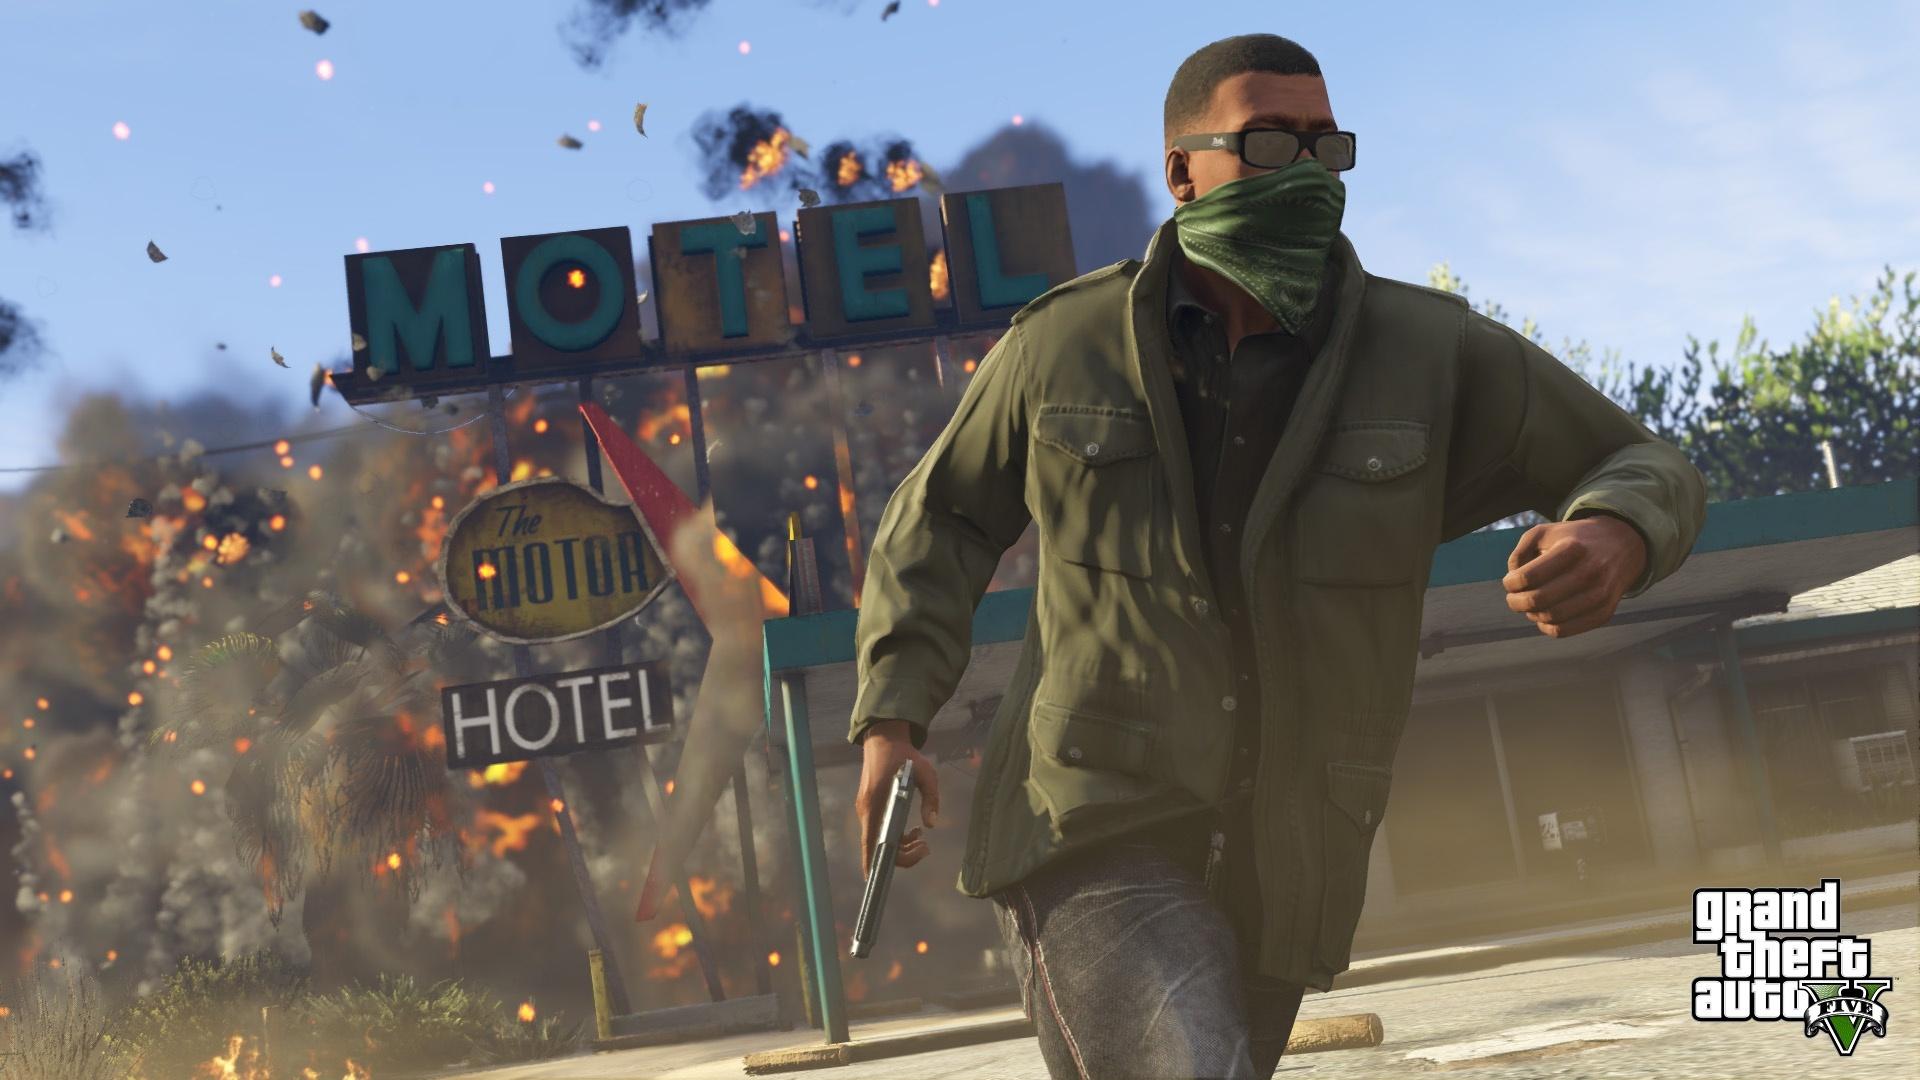 GTA 5 - Rockstar Games begründet PC-Verschiebung